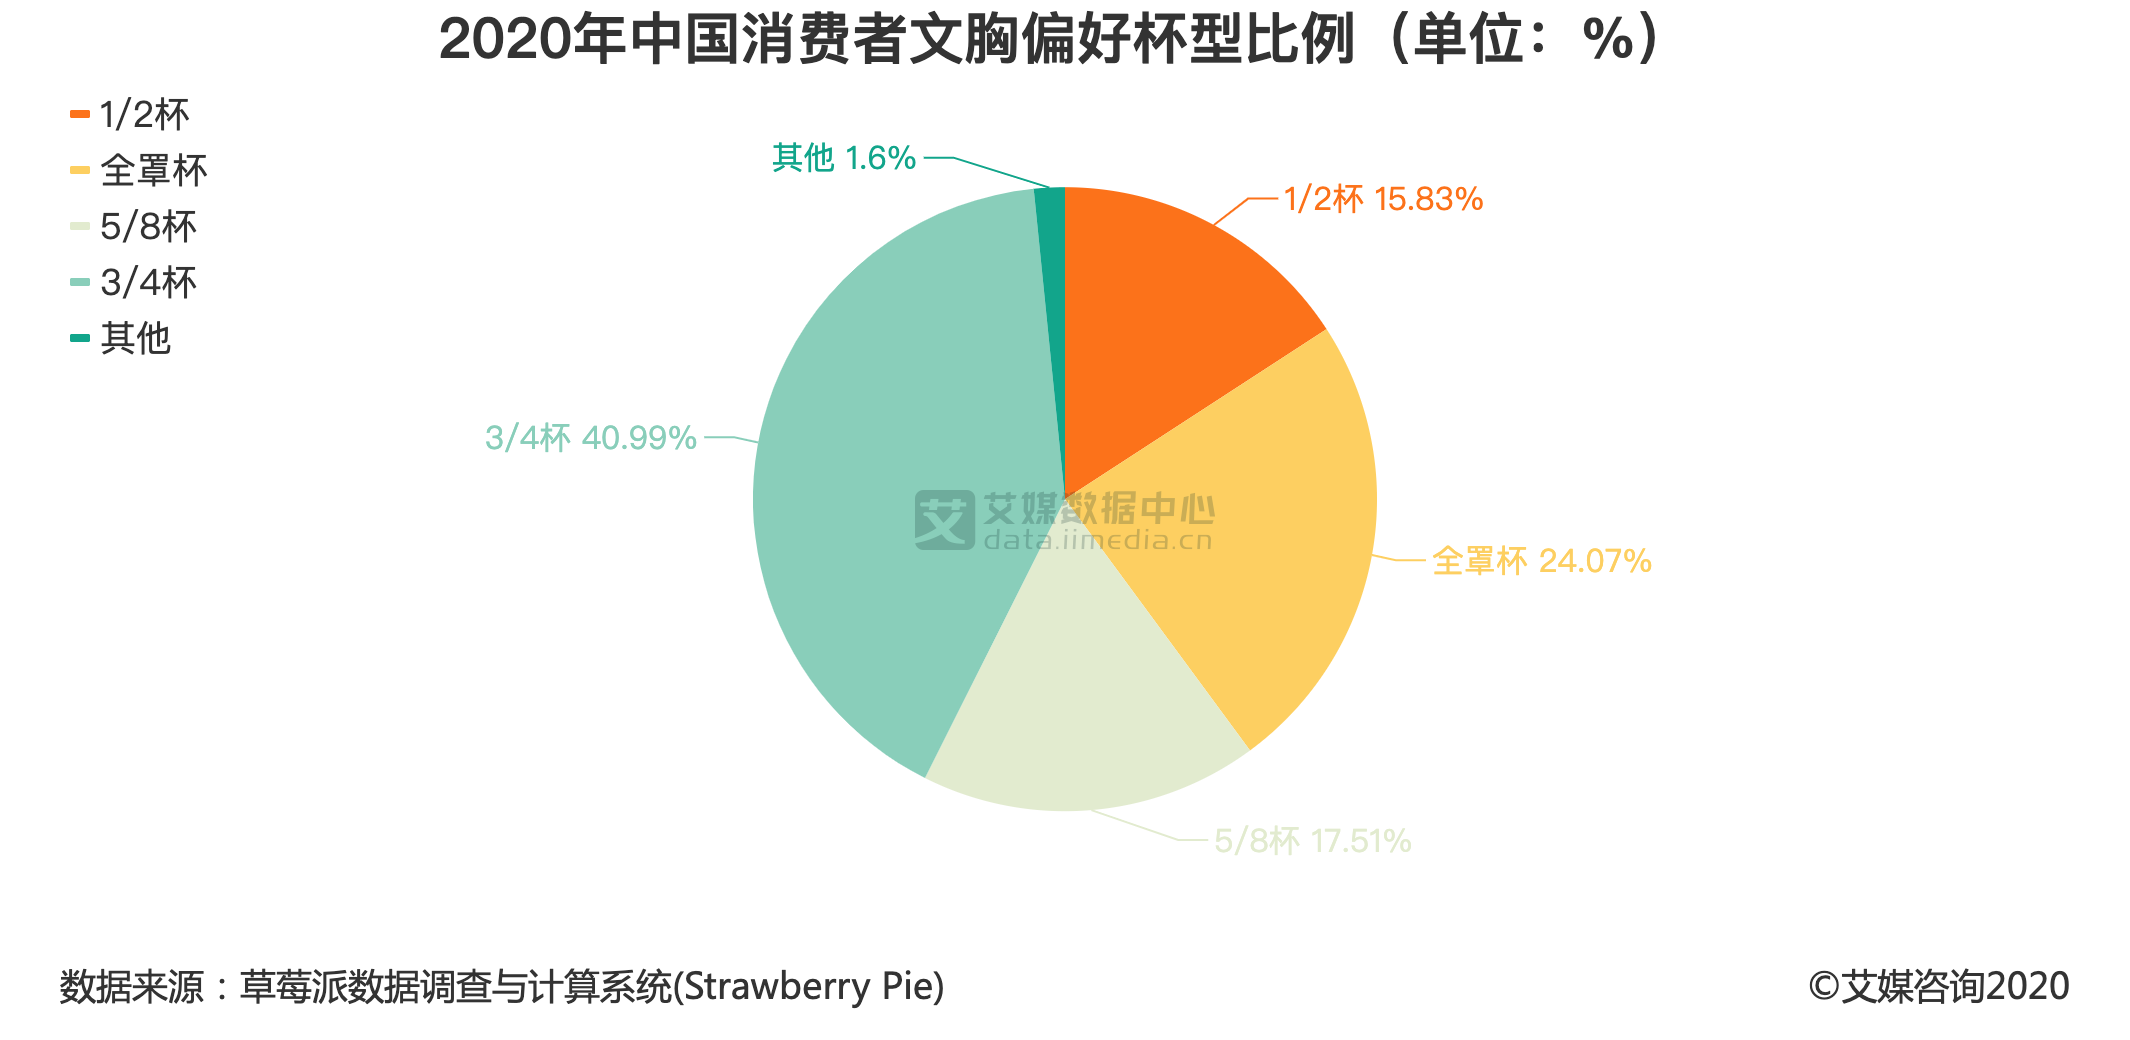 2020年中国消费者文胸偏好杯型比例(单位:%)